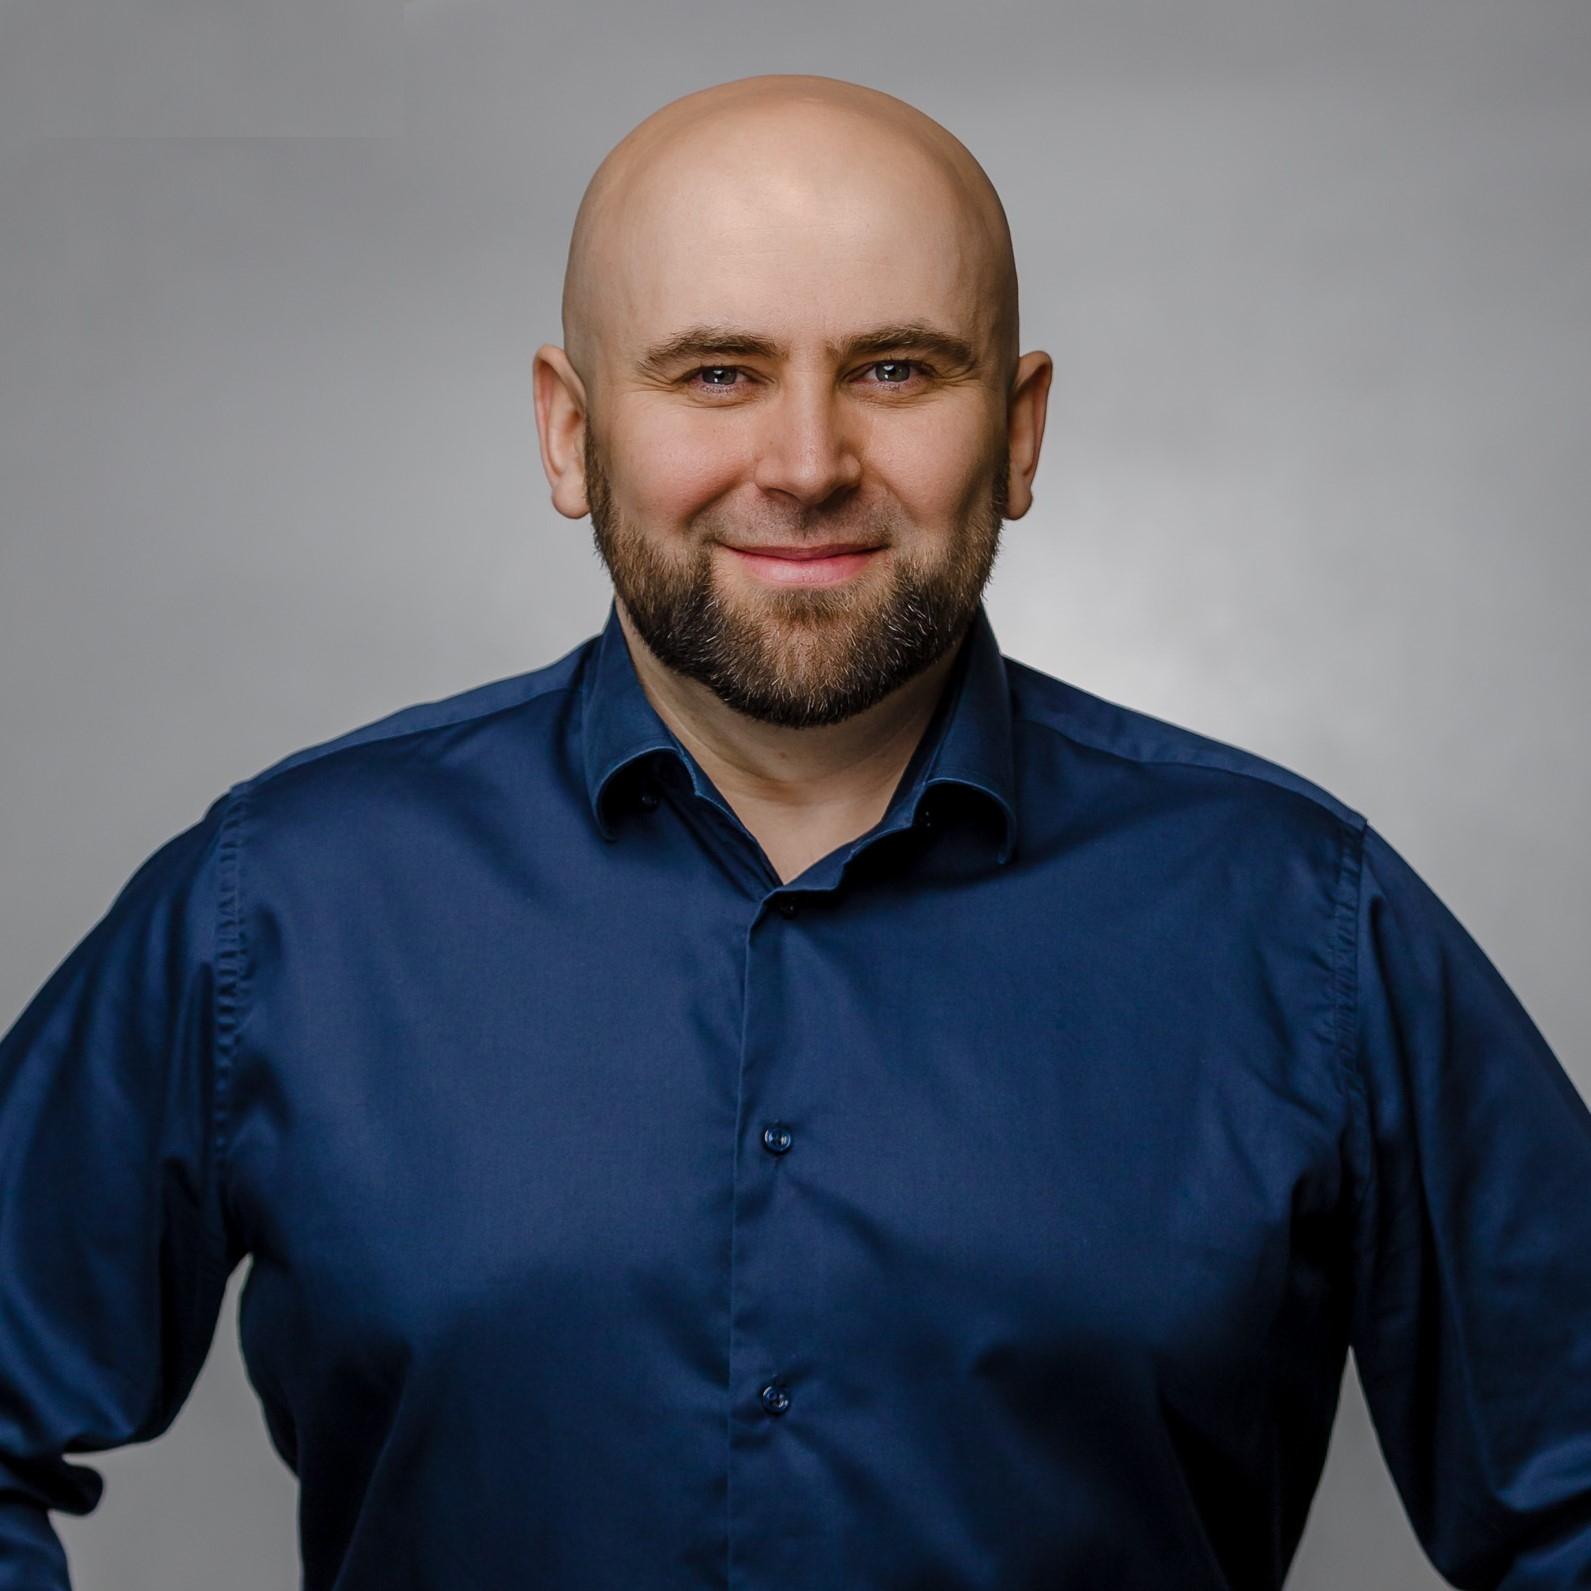 Mateusz Brejta